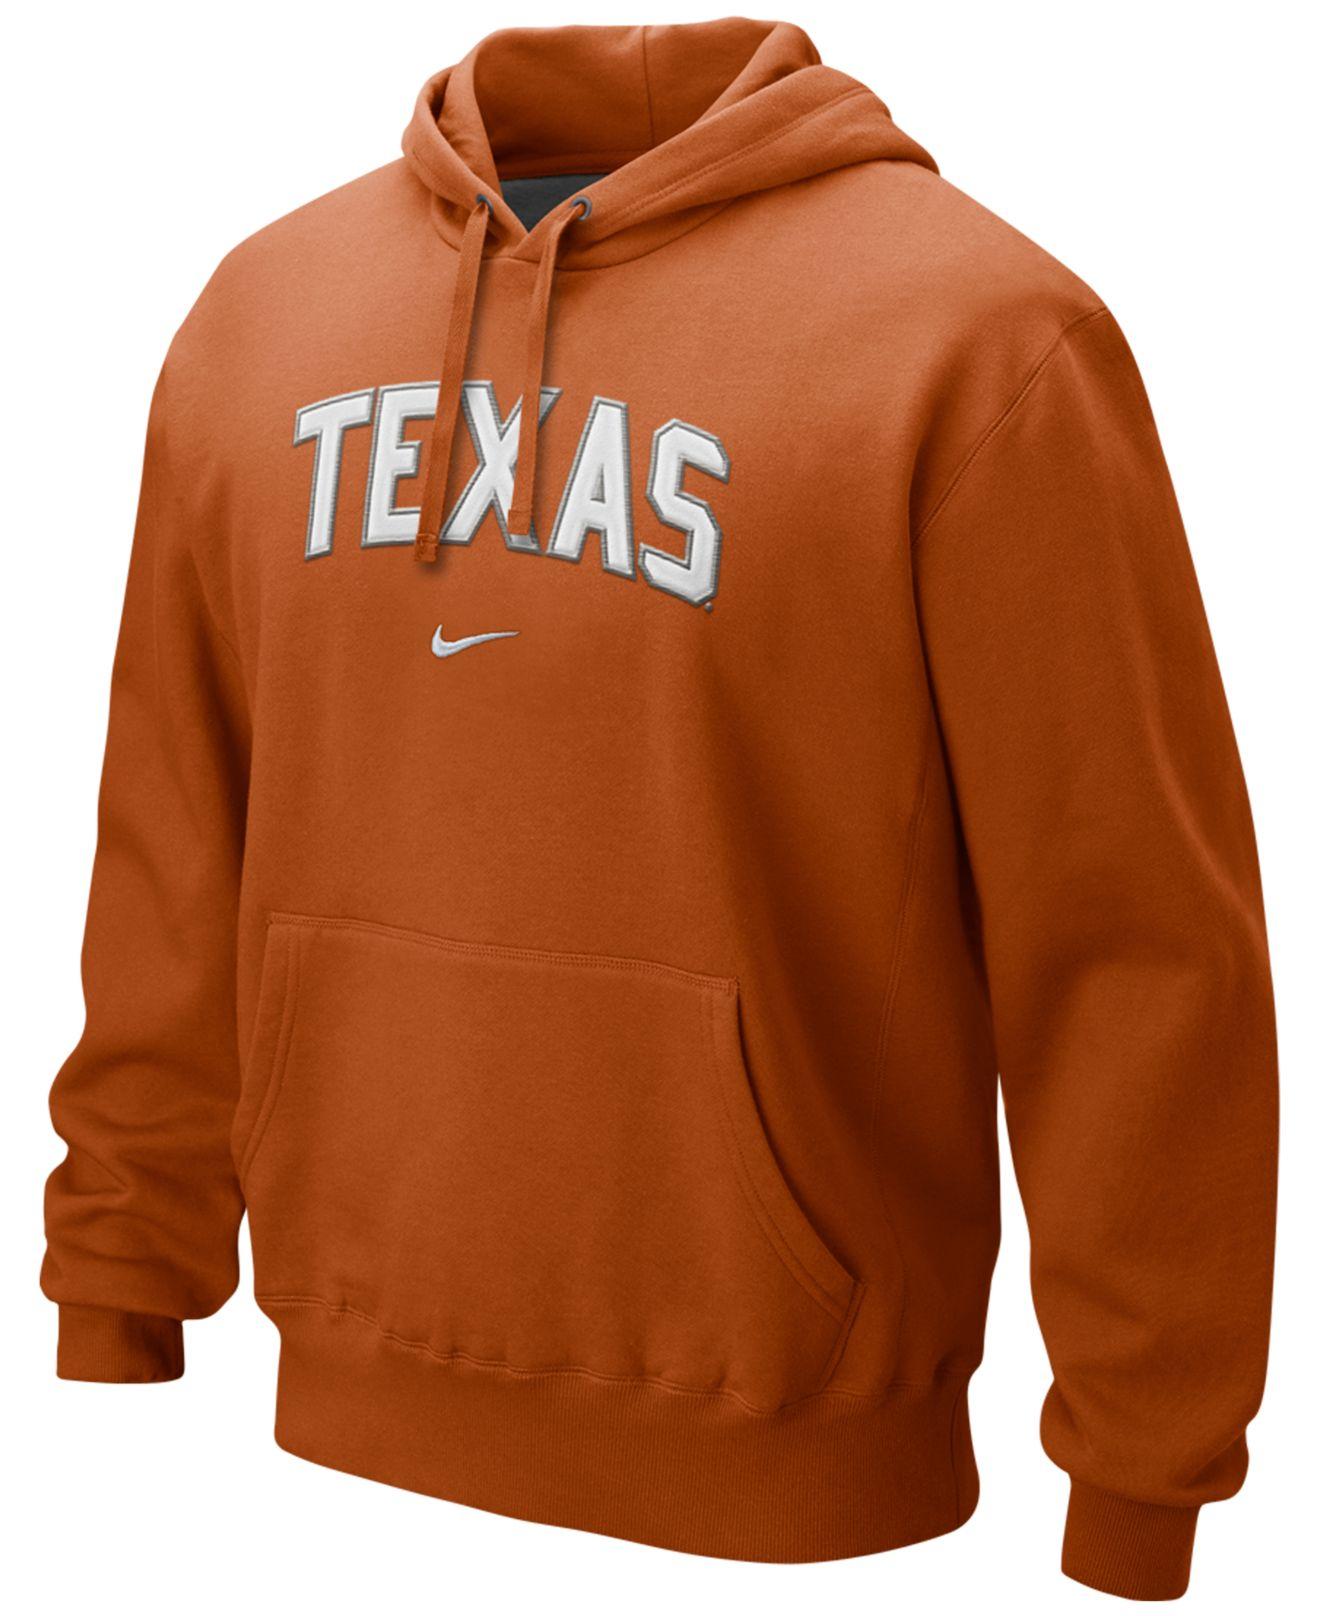 Nike Nike Men's Texas Longhorns Hoodie Sweatshirt in Orange for ...